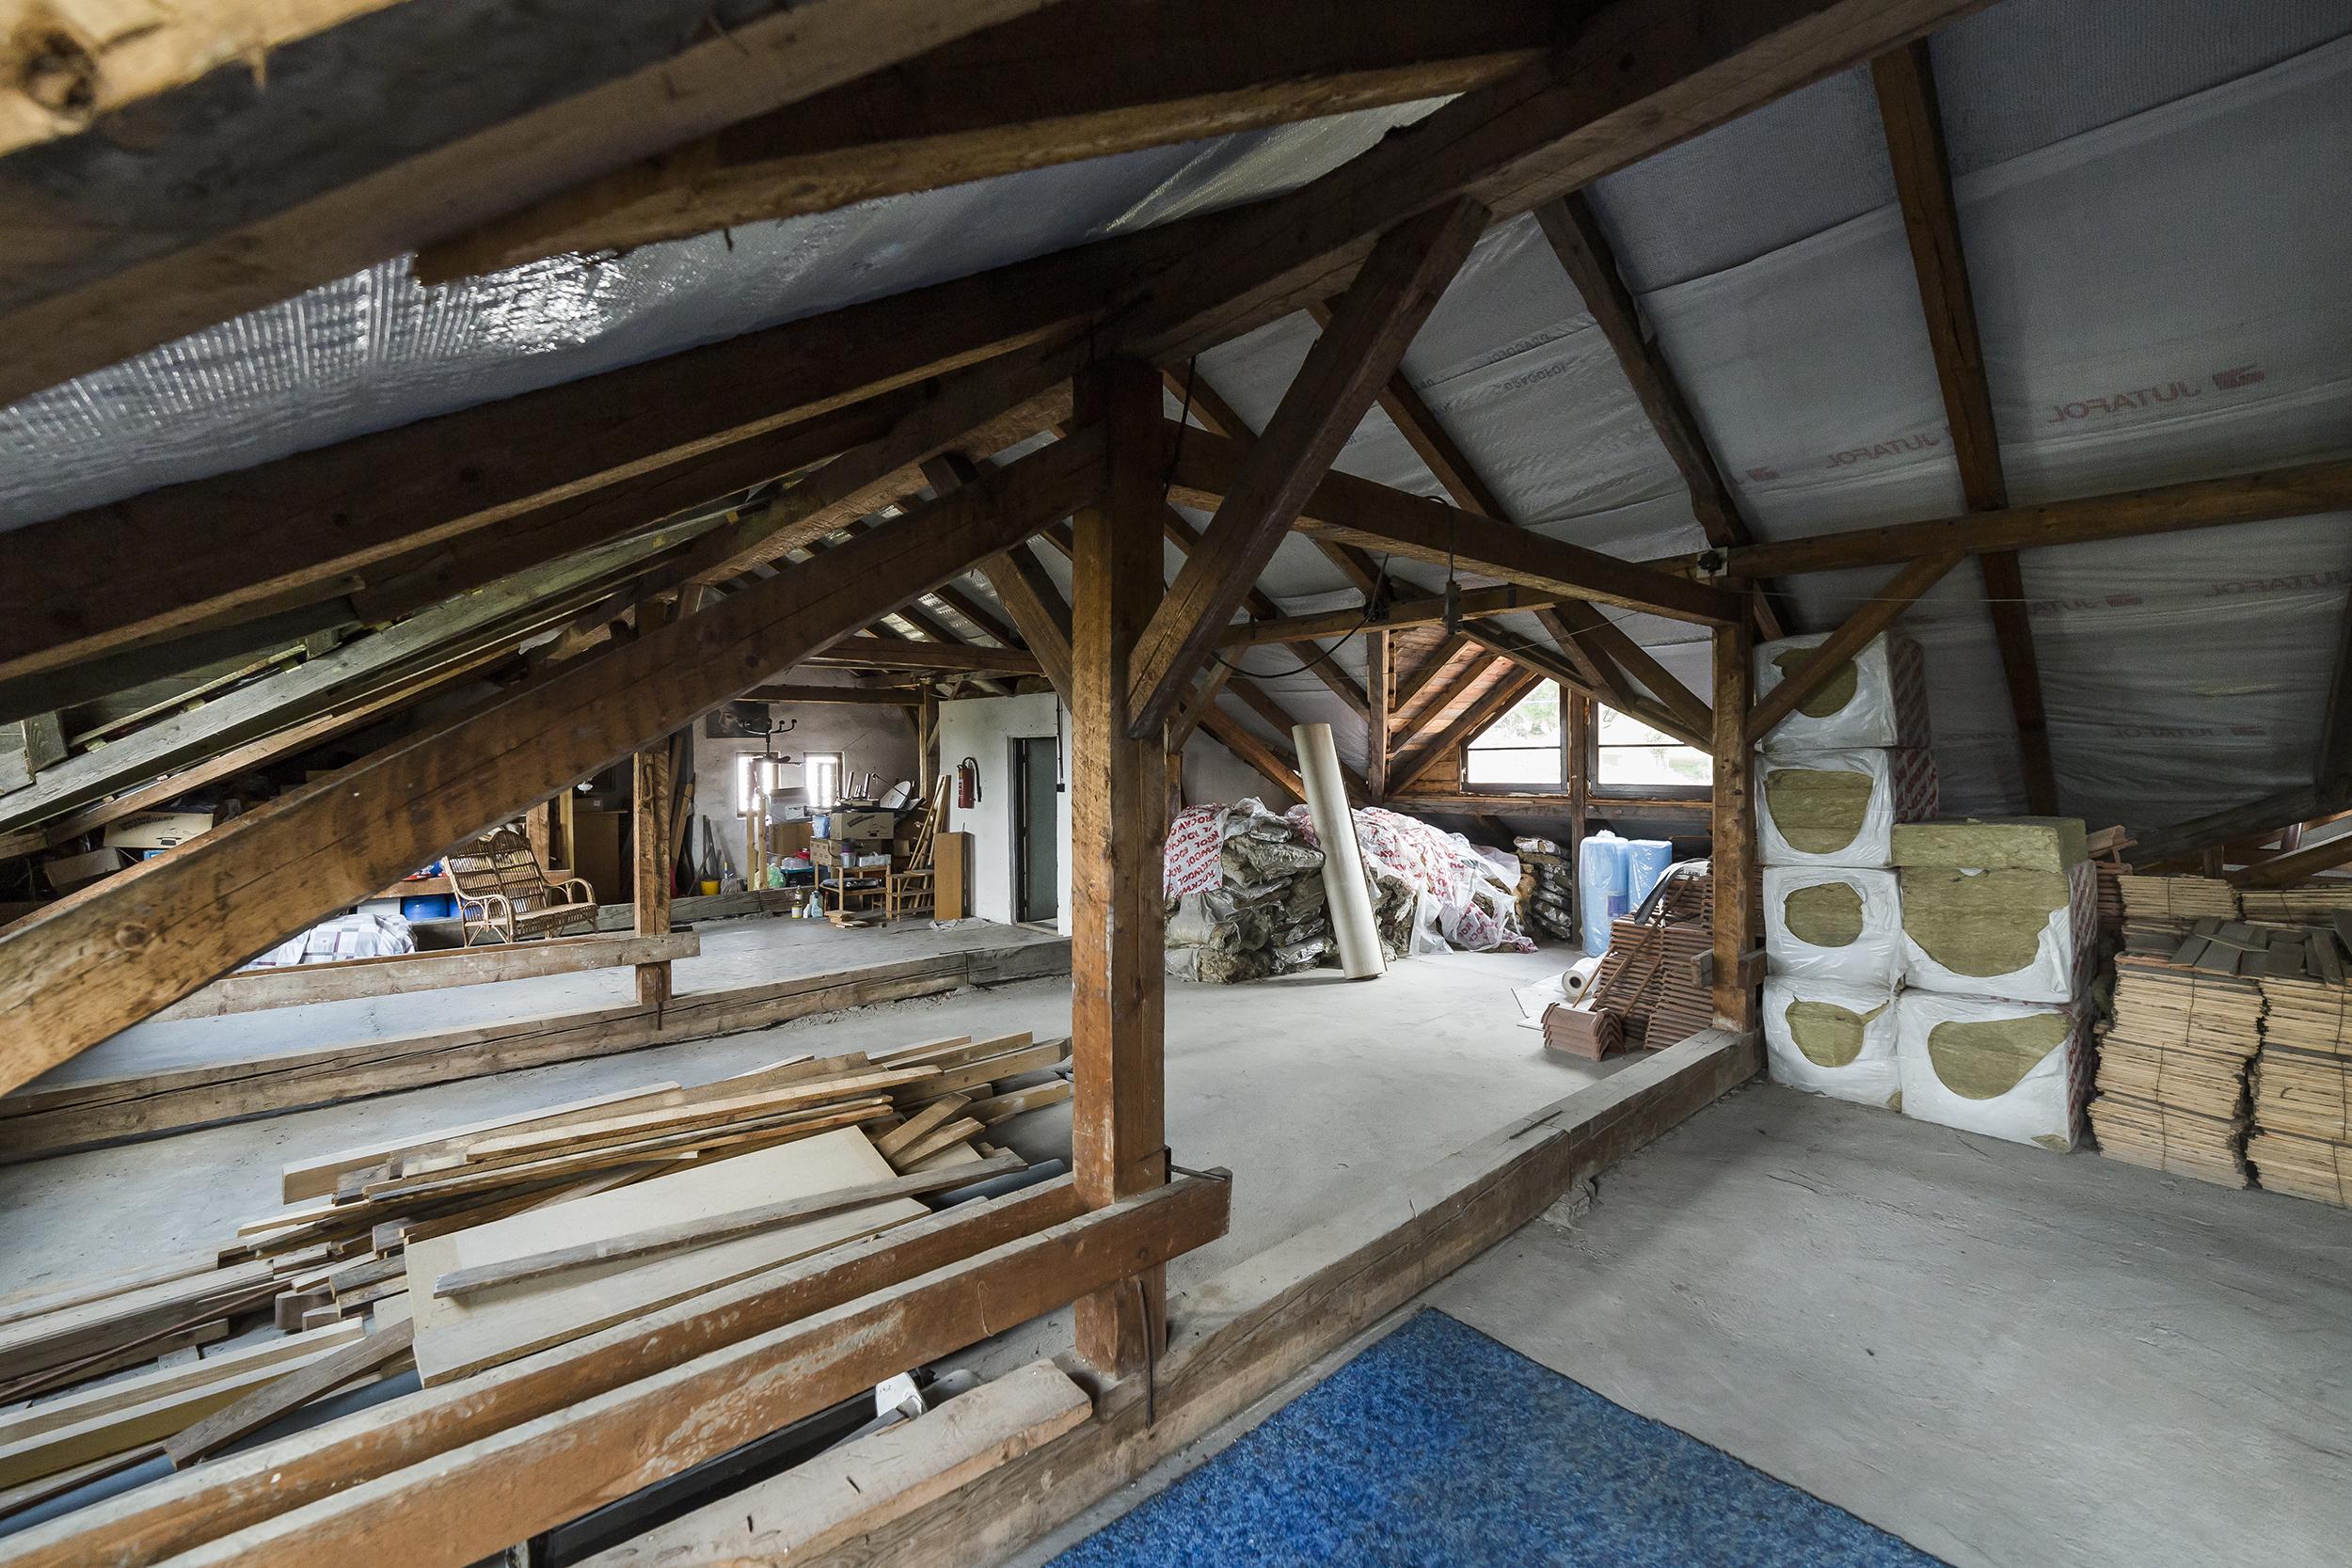 puda podkrovi radunka stavebni material tramy okno prodej domu radun linda bittova